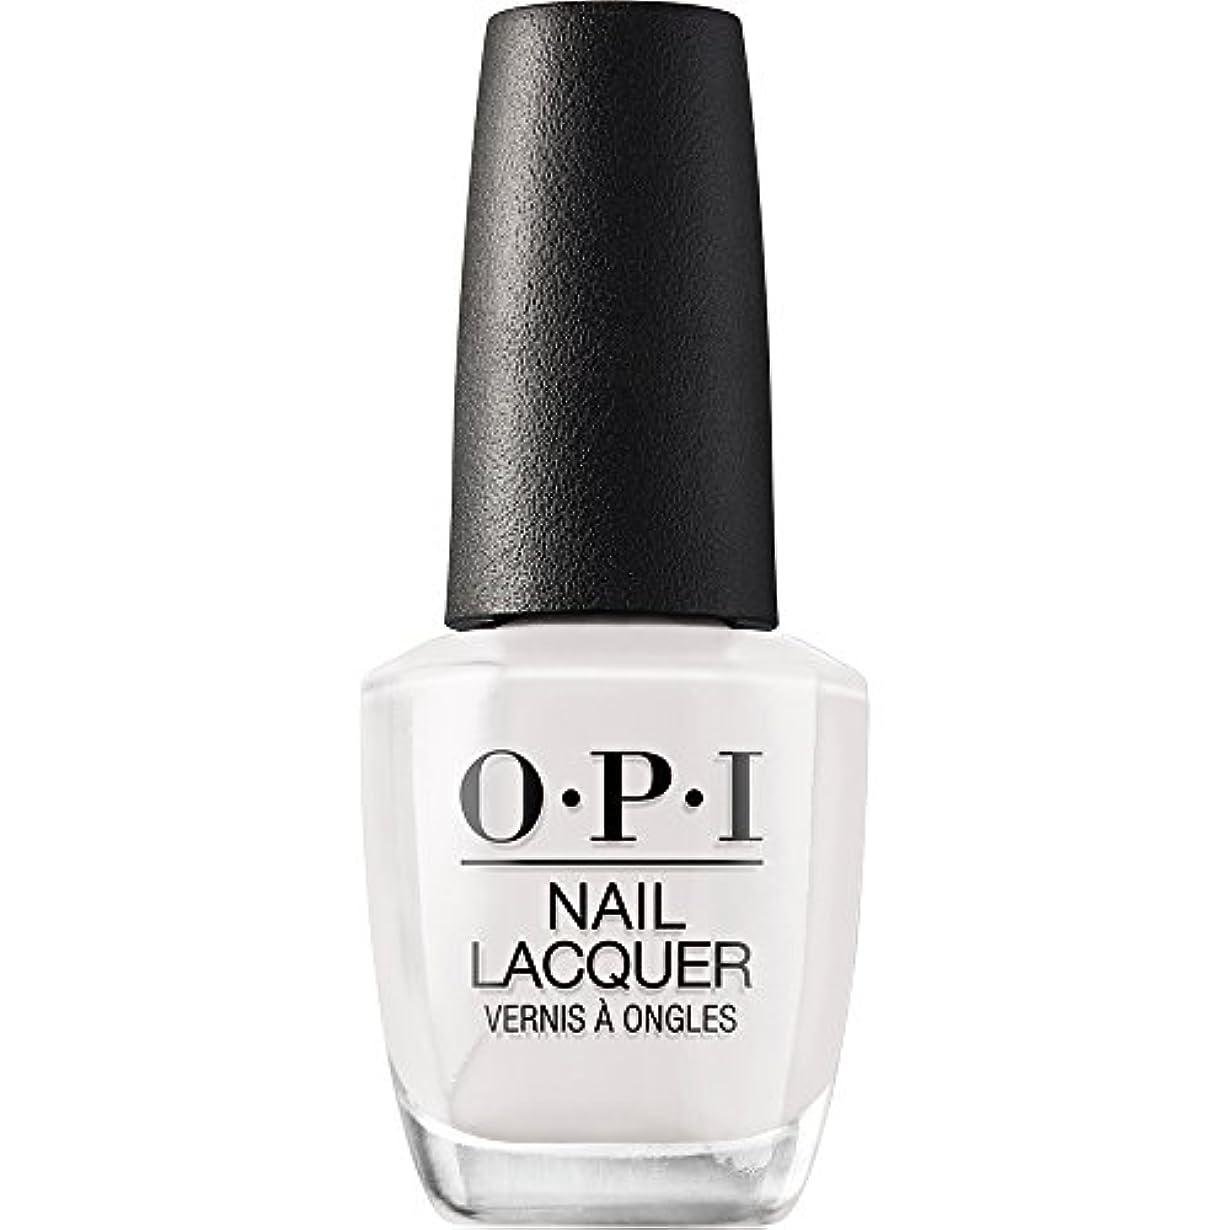 OPI(オーピーアイ) NLL26 スージー チェイシィズ ポルトガル